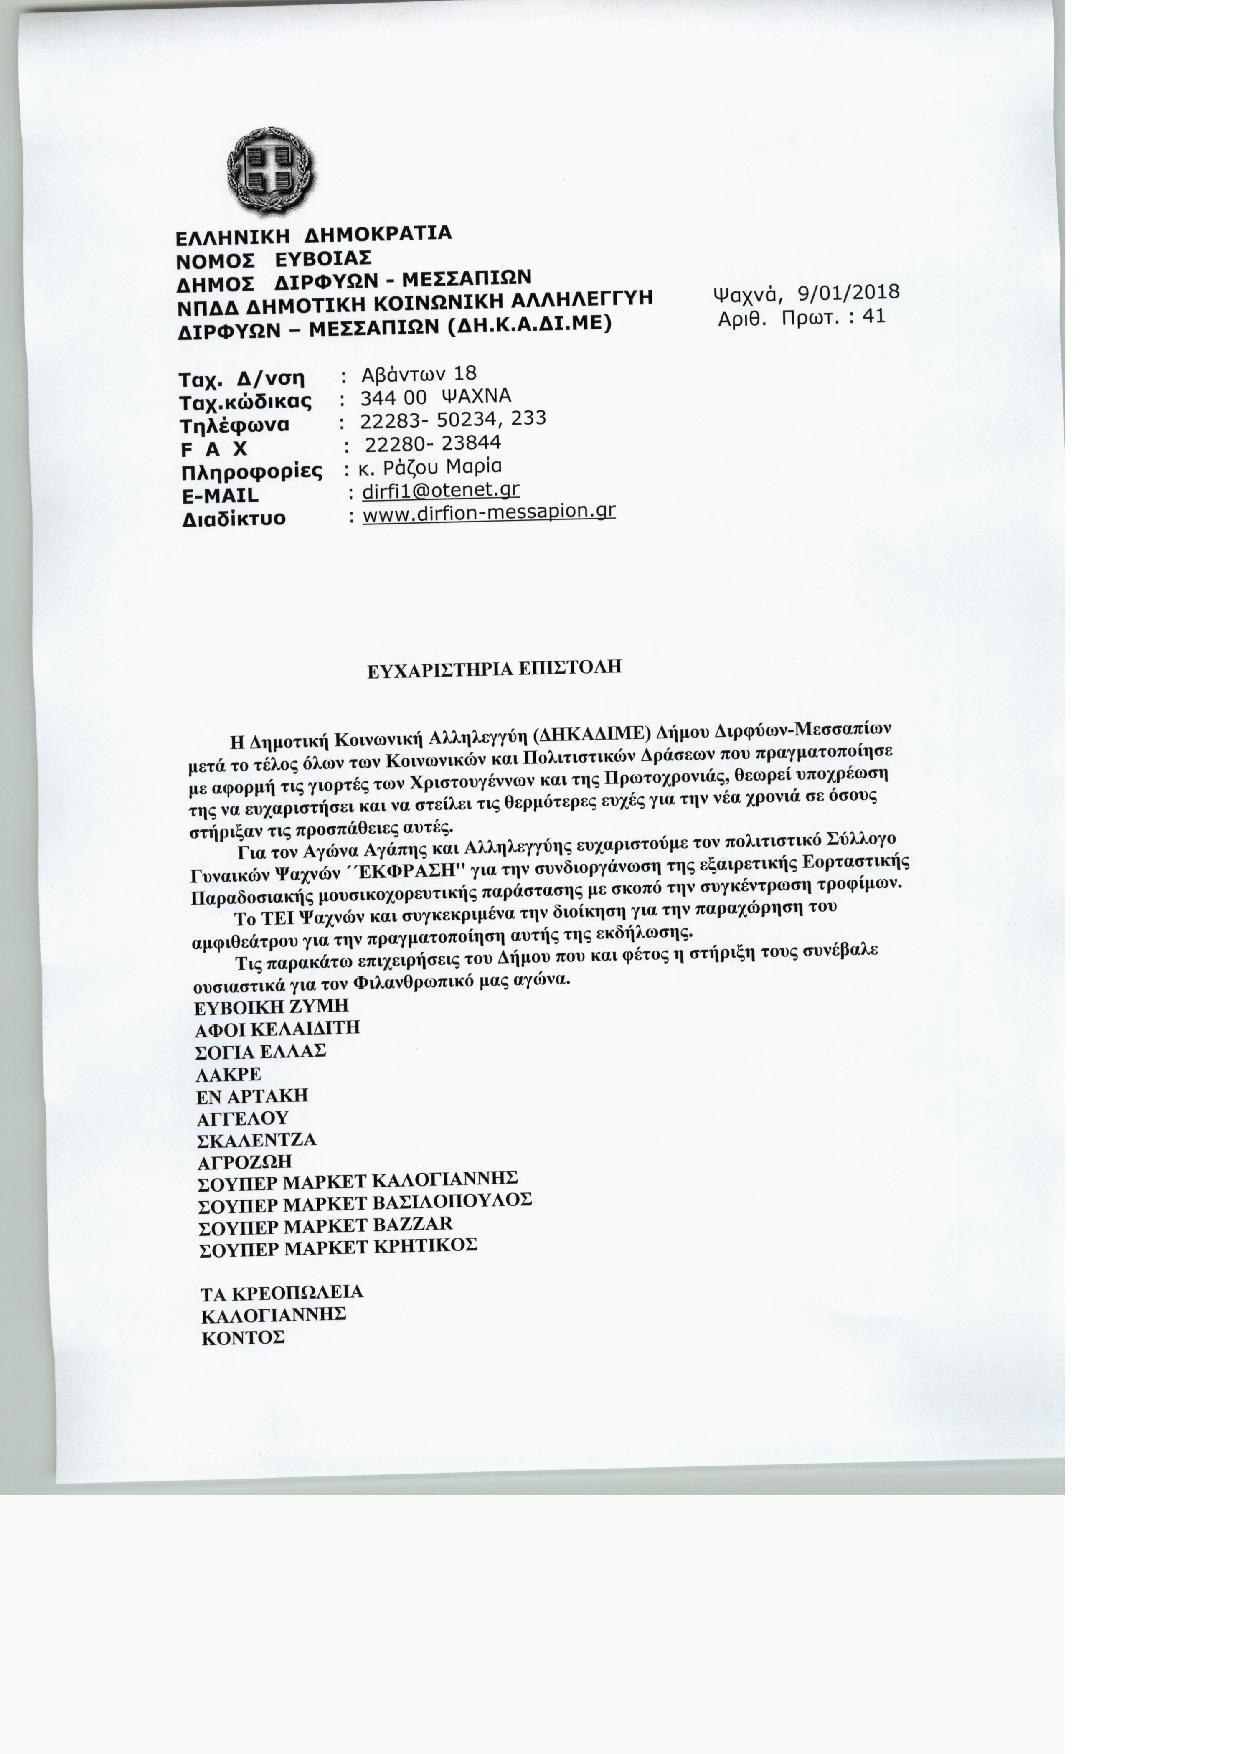 Ευχαριστήρια επιστολή ΔΗ.ΚΑ.ΔΙ.ΜΕ Document page 001 2